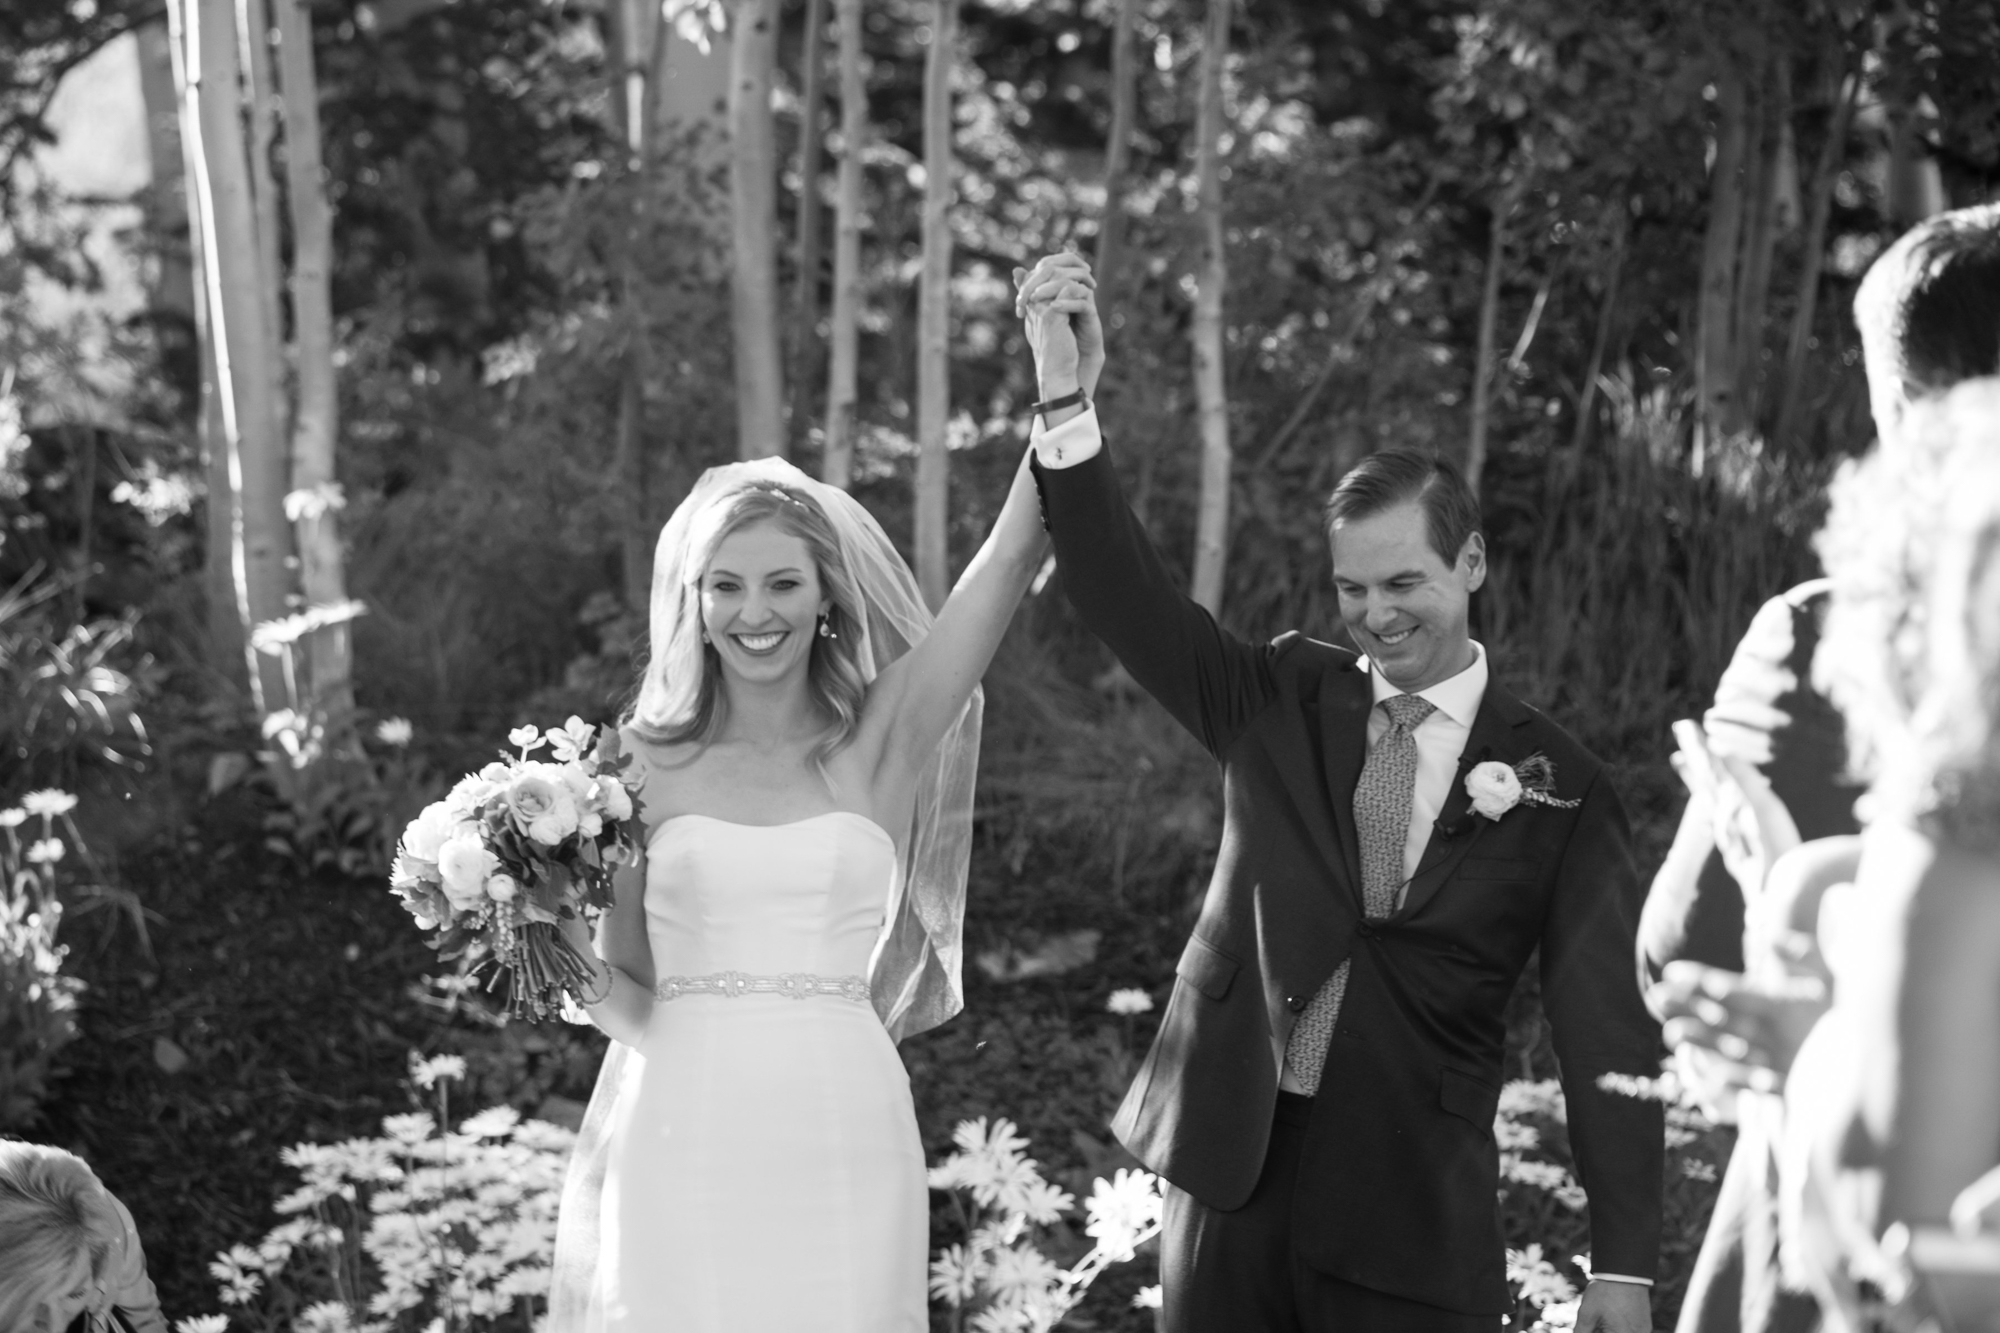 deer-valley-wedding-photographer-21.jpg